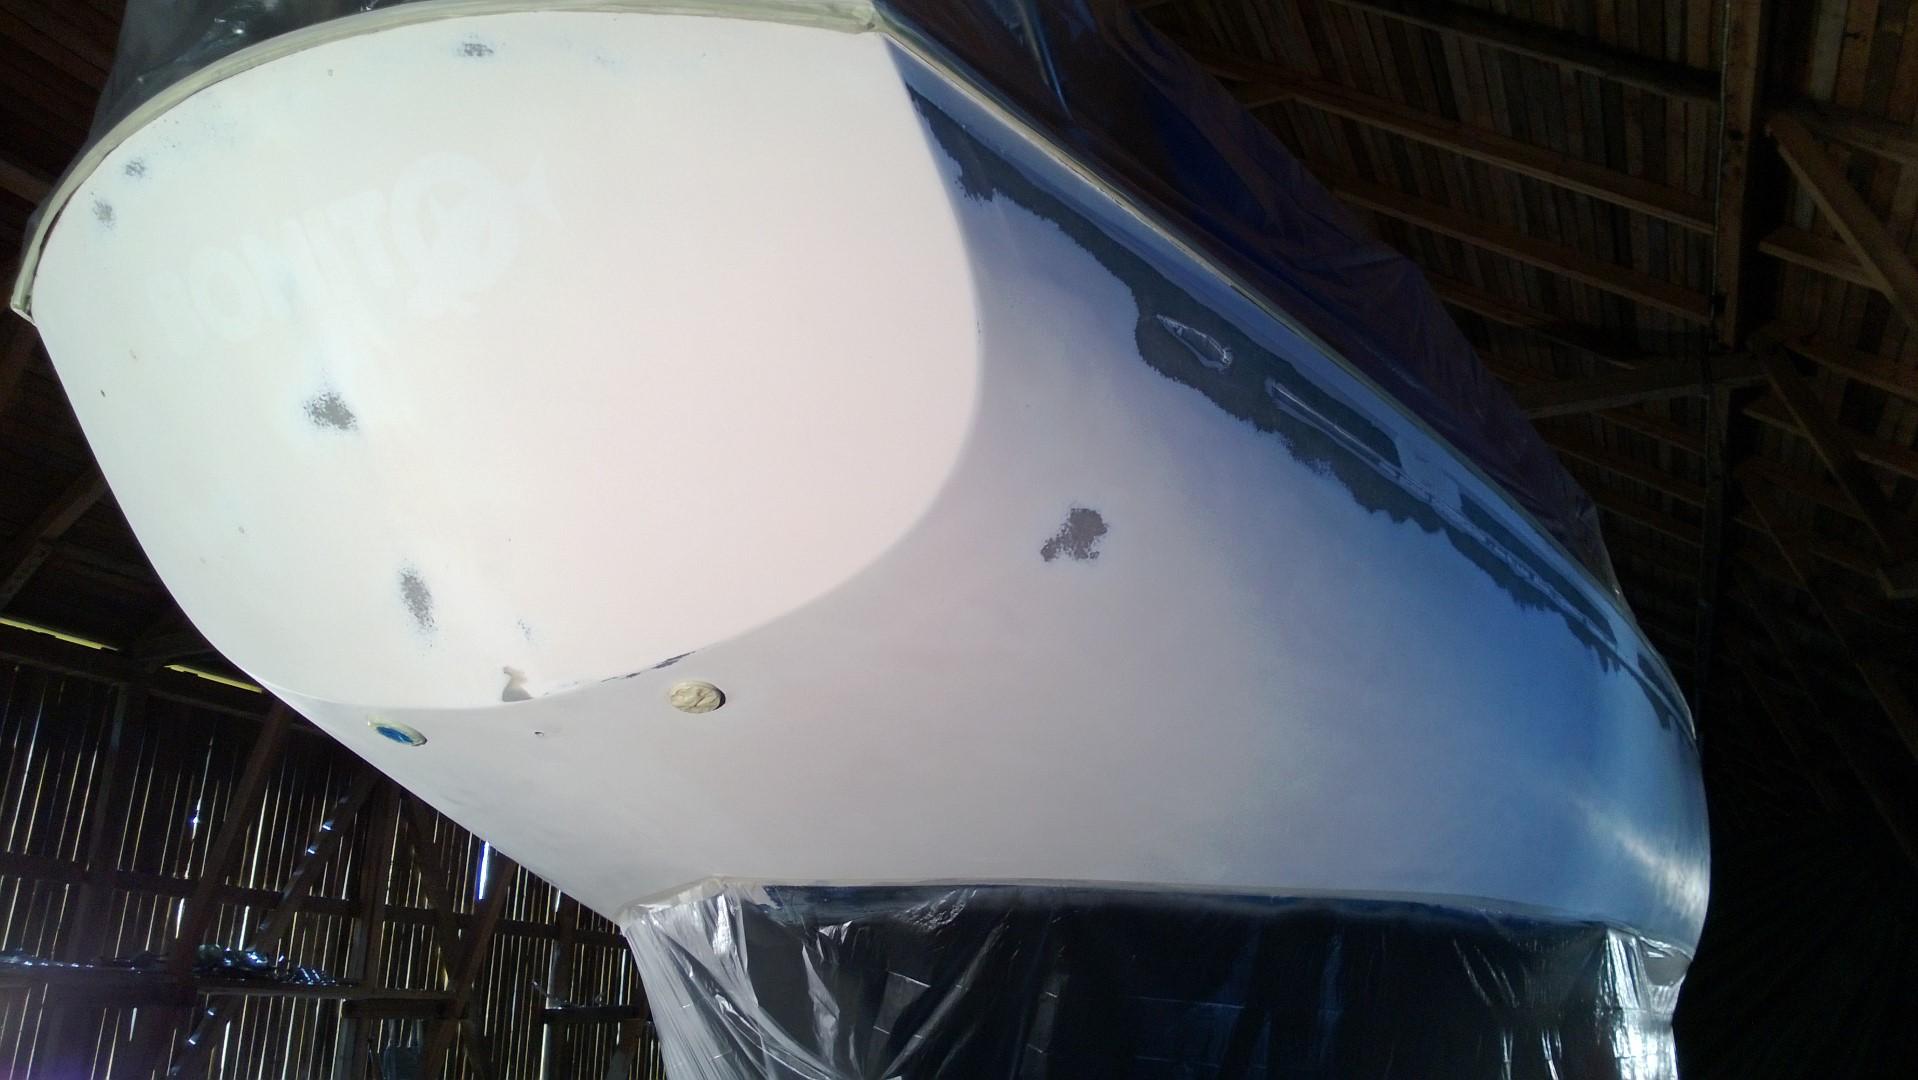 Rautakaupasta saa 110 cm korkeaa muoviverhoa, jossa on kätevästi maalarinteippi reunassa.